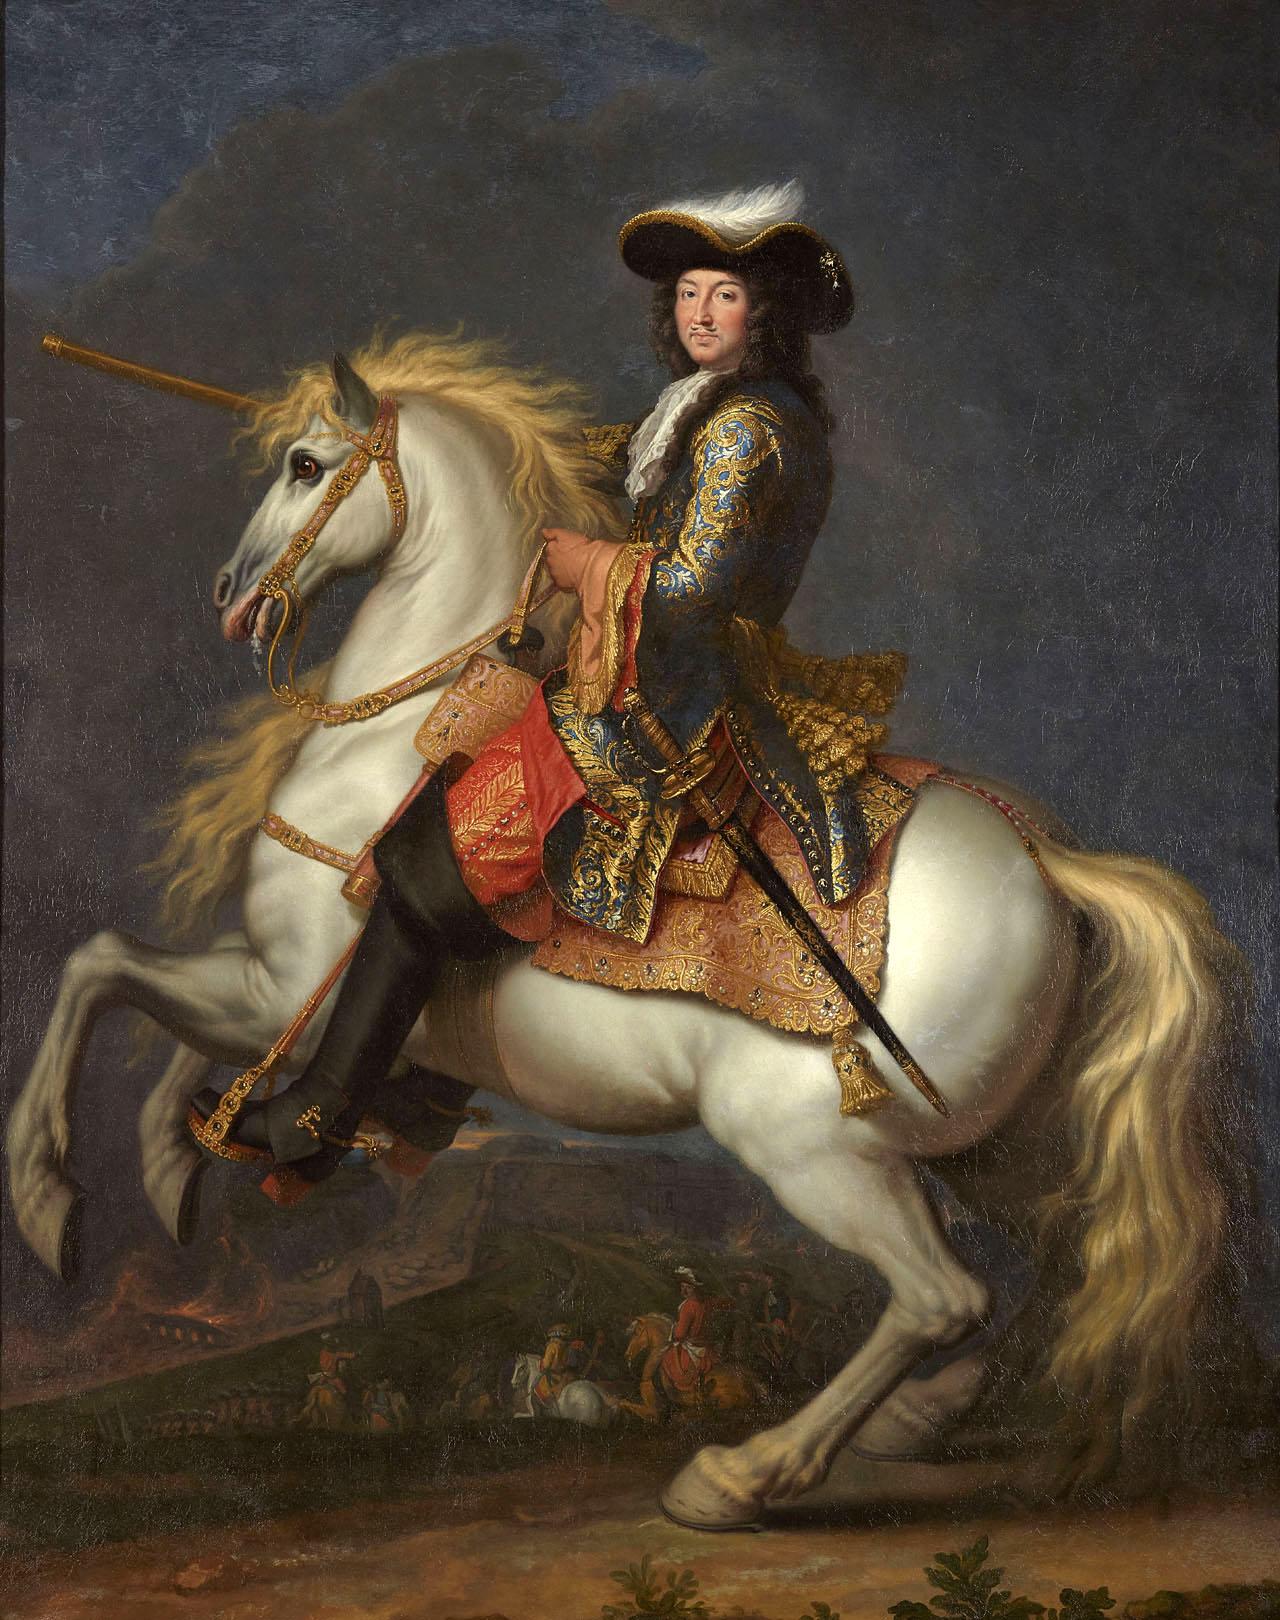 """René-Antoine Houasse, """"Equestrian Portrait of Louis XIV"""" (ca. 1675) (Château de Versailles, © Chateau de Versailles [dist-RMN-Grand Palais], photo by Christophe Fouin)"""